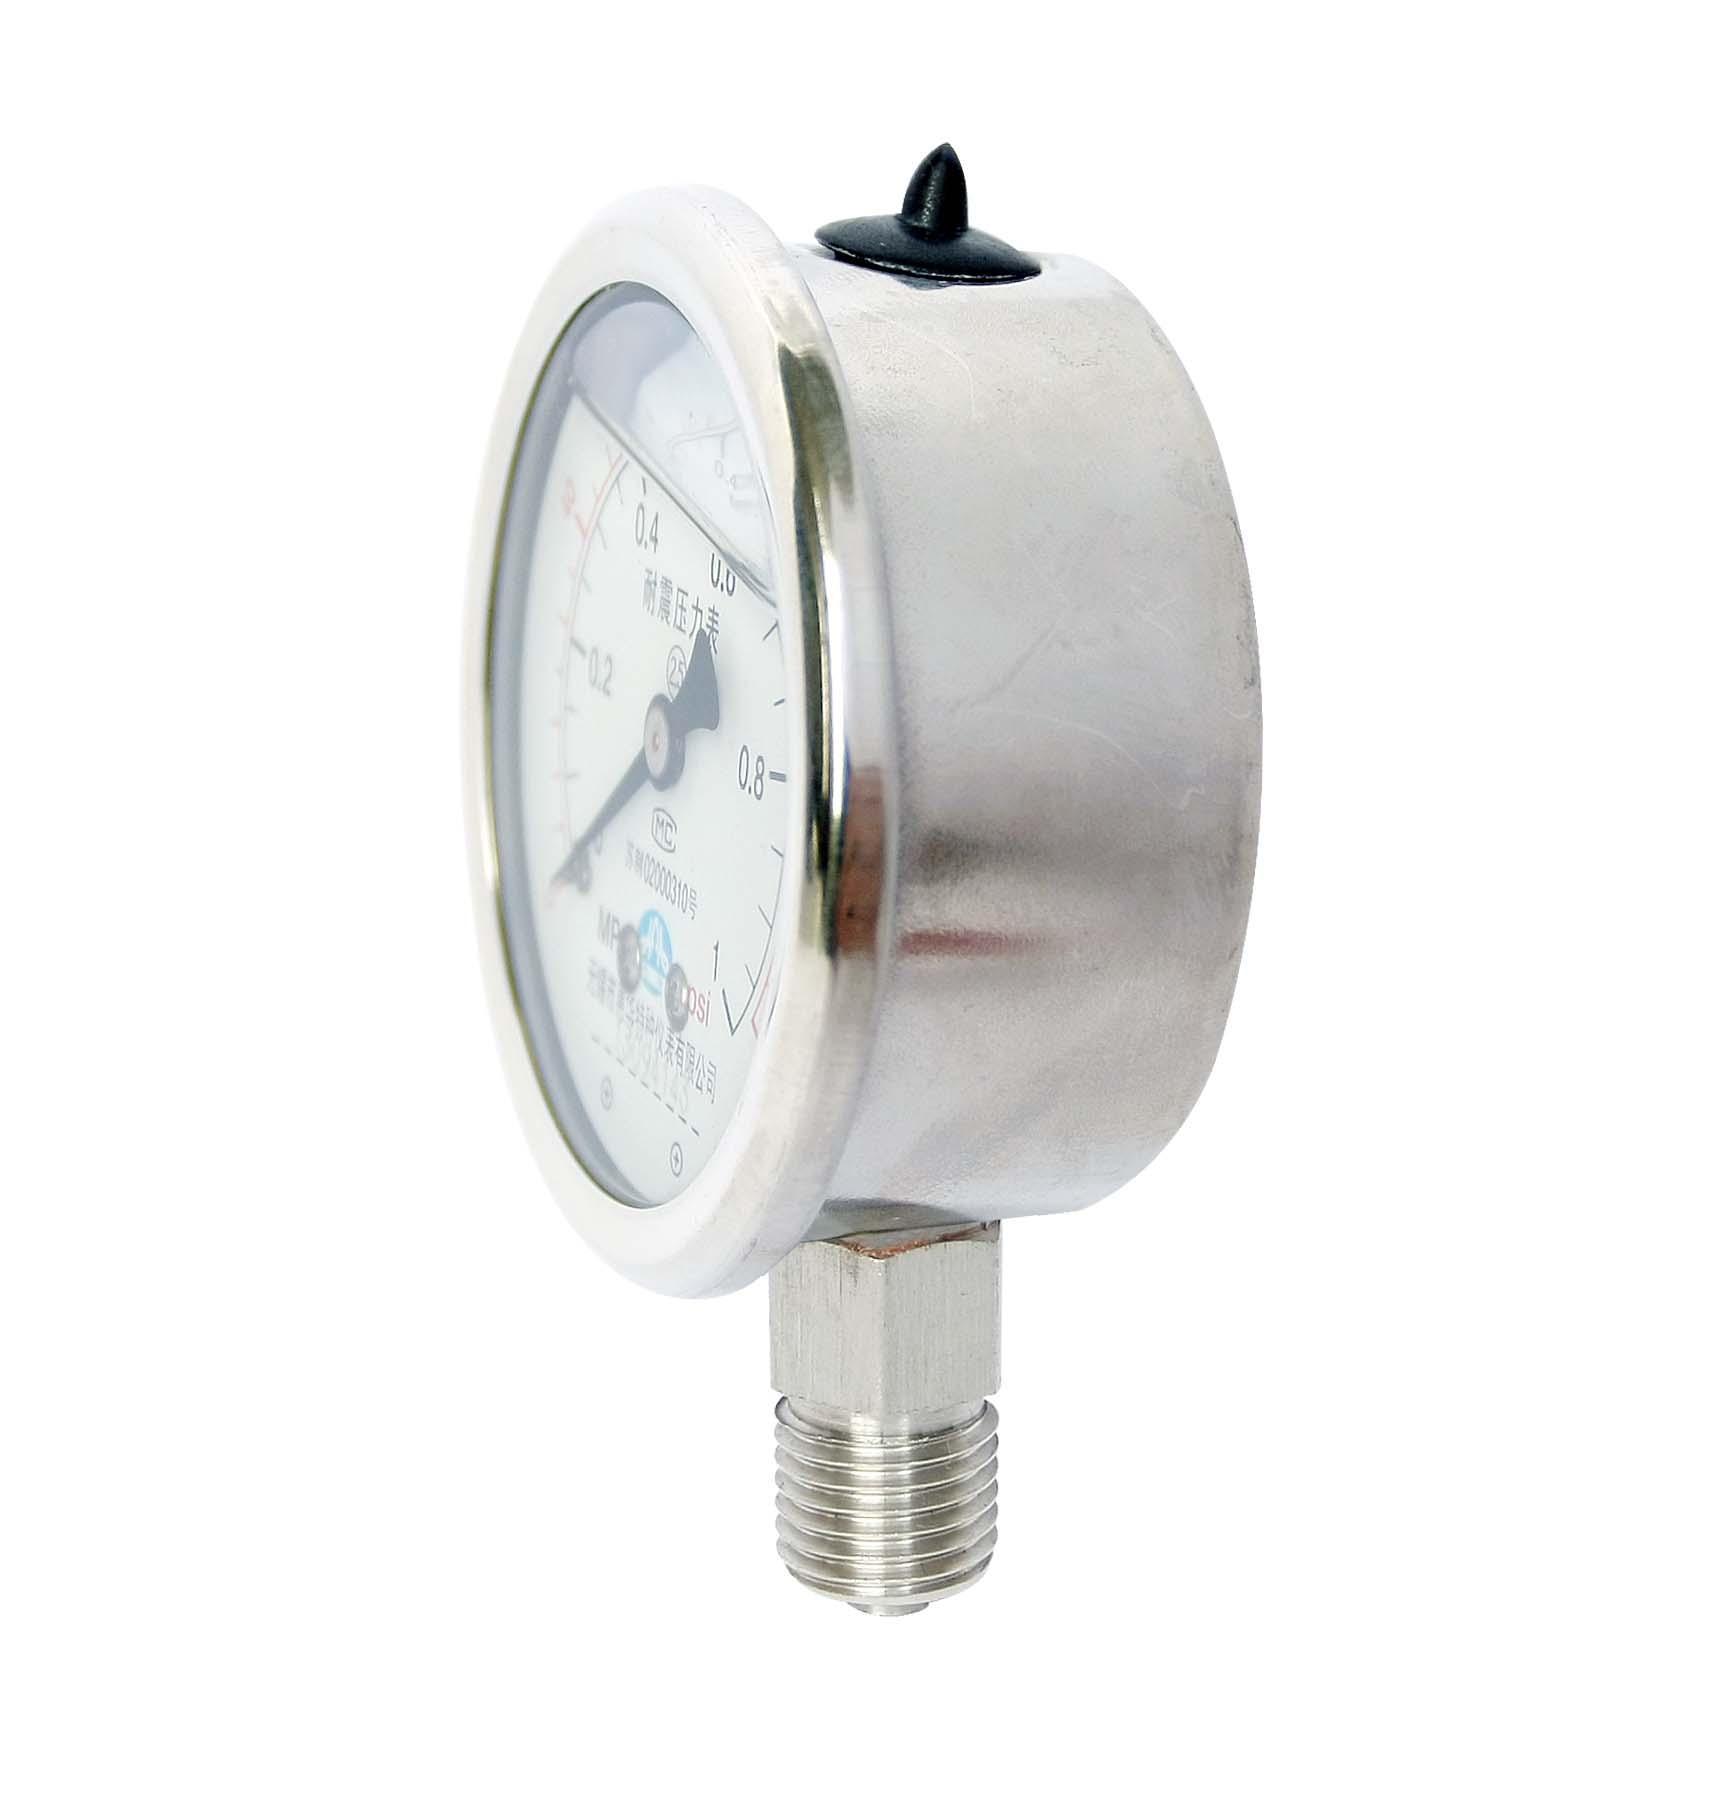 不鏽鋼耐震壓力表 耐震不鏽鋼壓力表 3